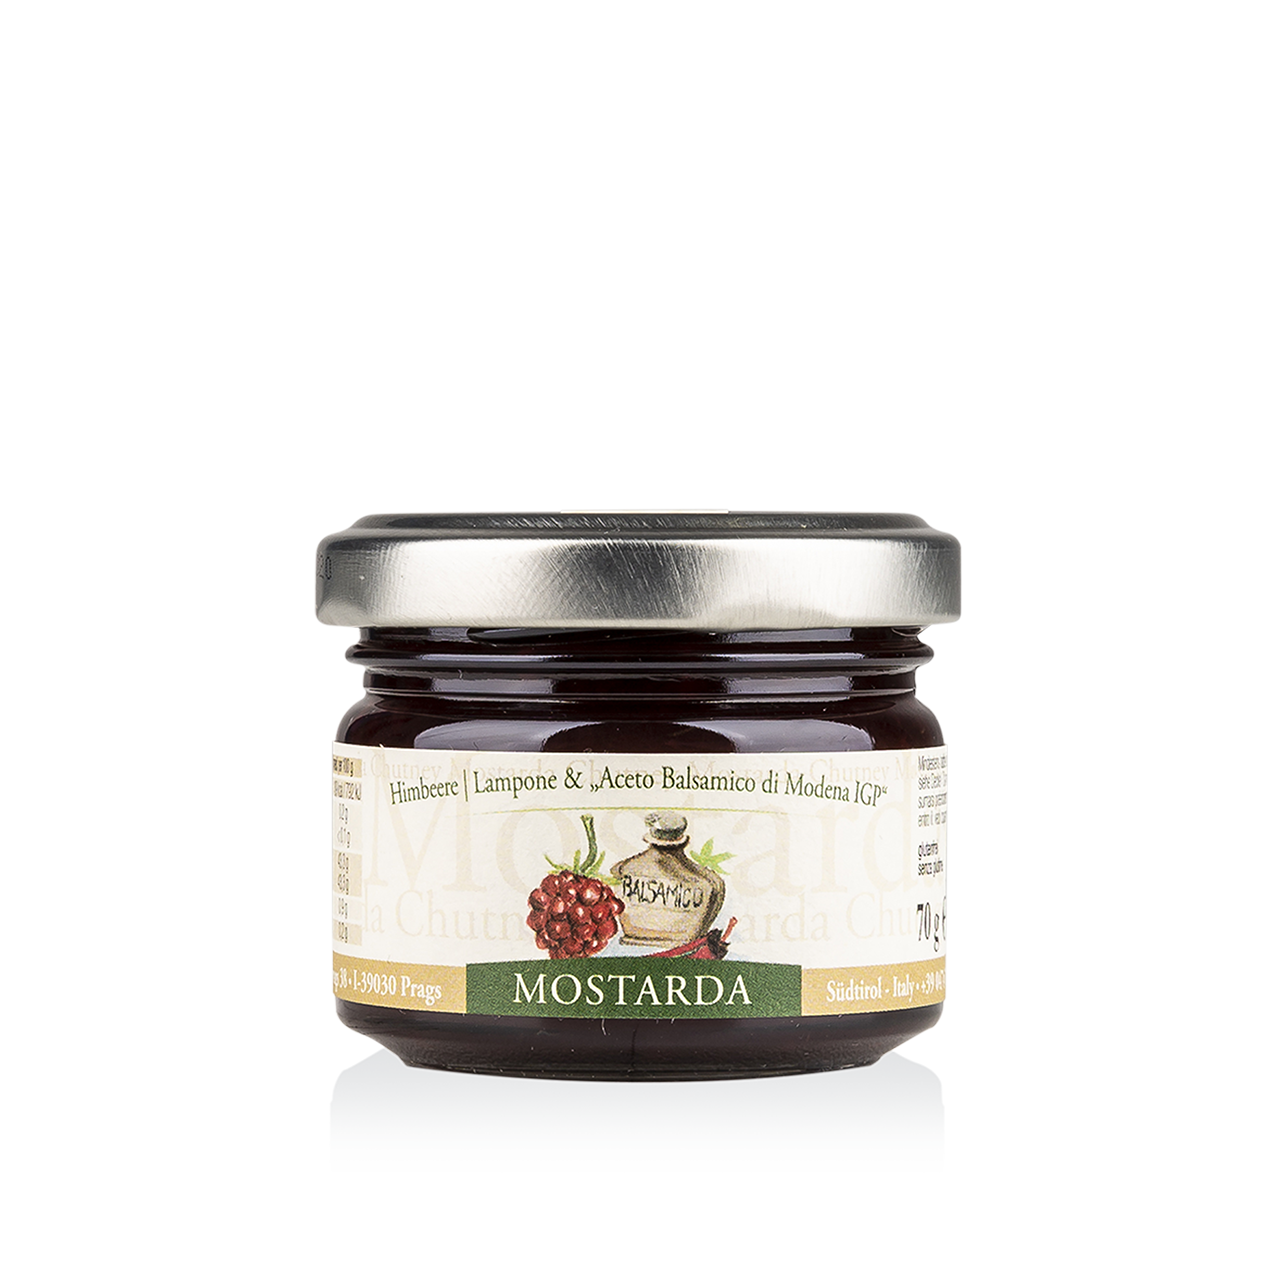 Chutney - Mostarda Himbeere mit Balsamessig aus Modena 70g